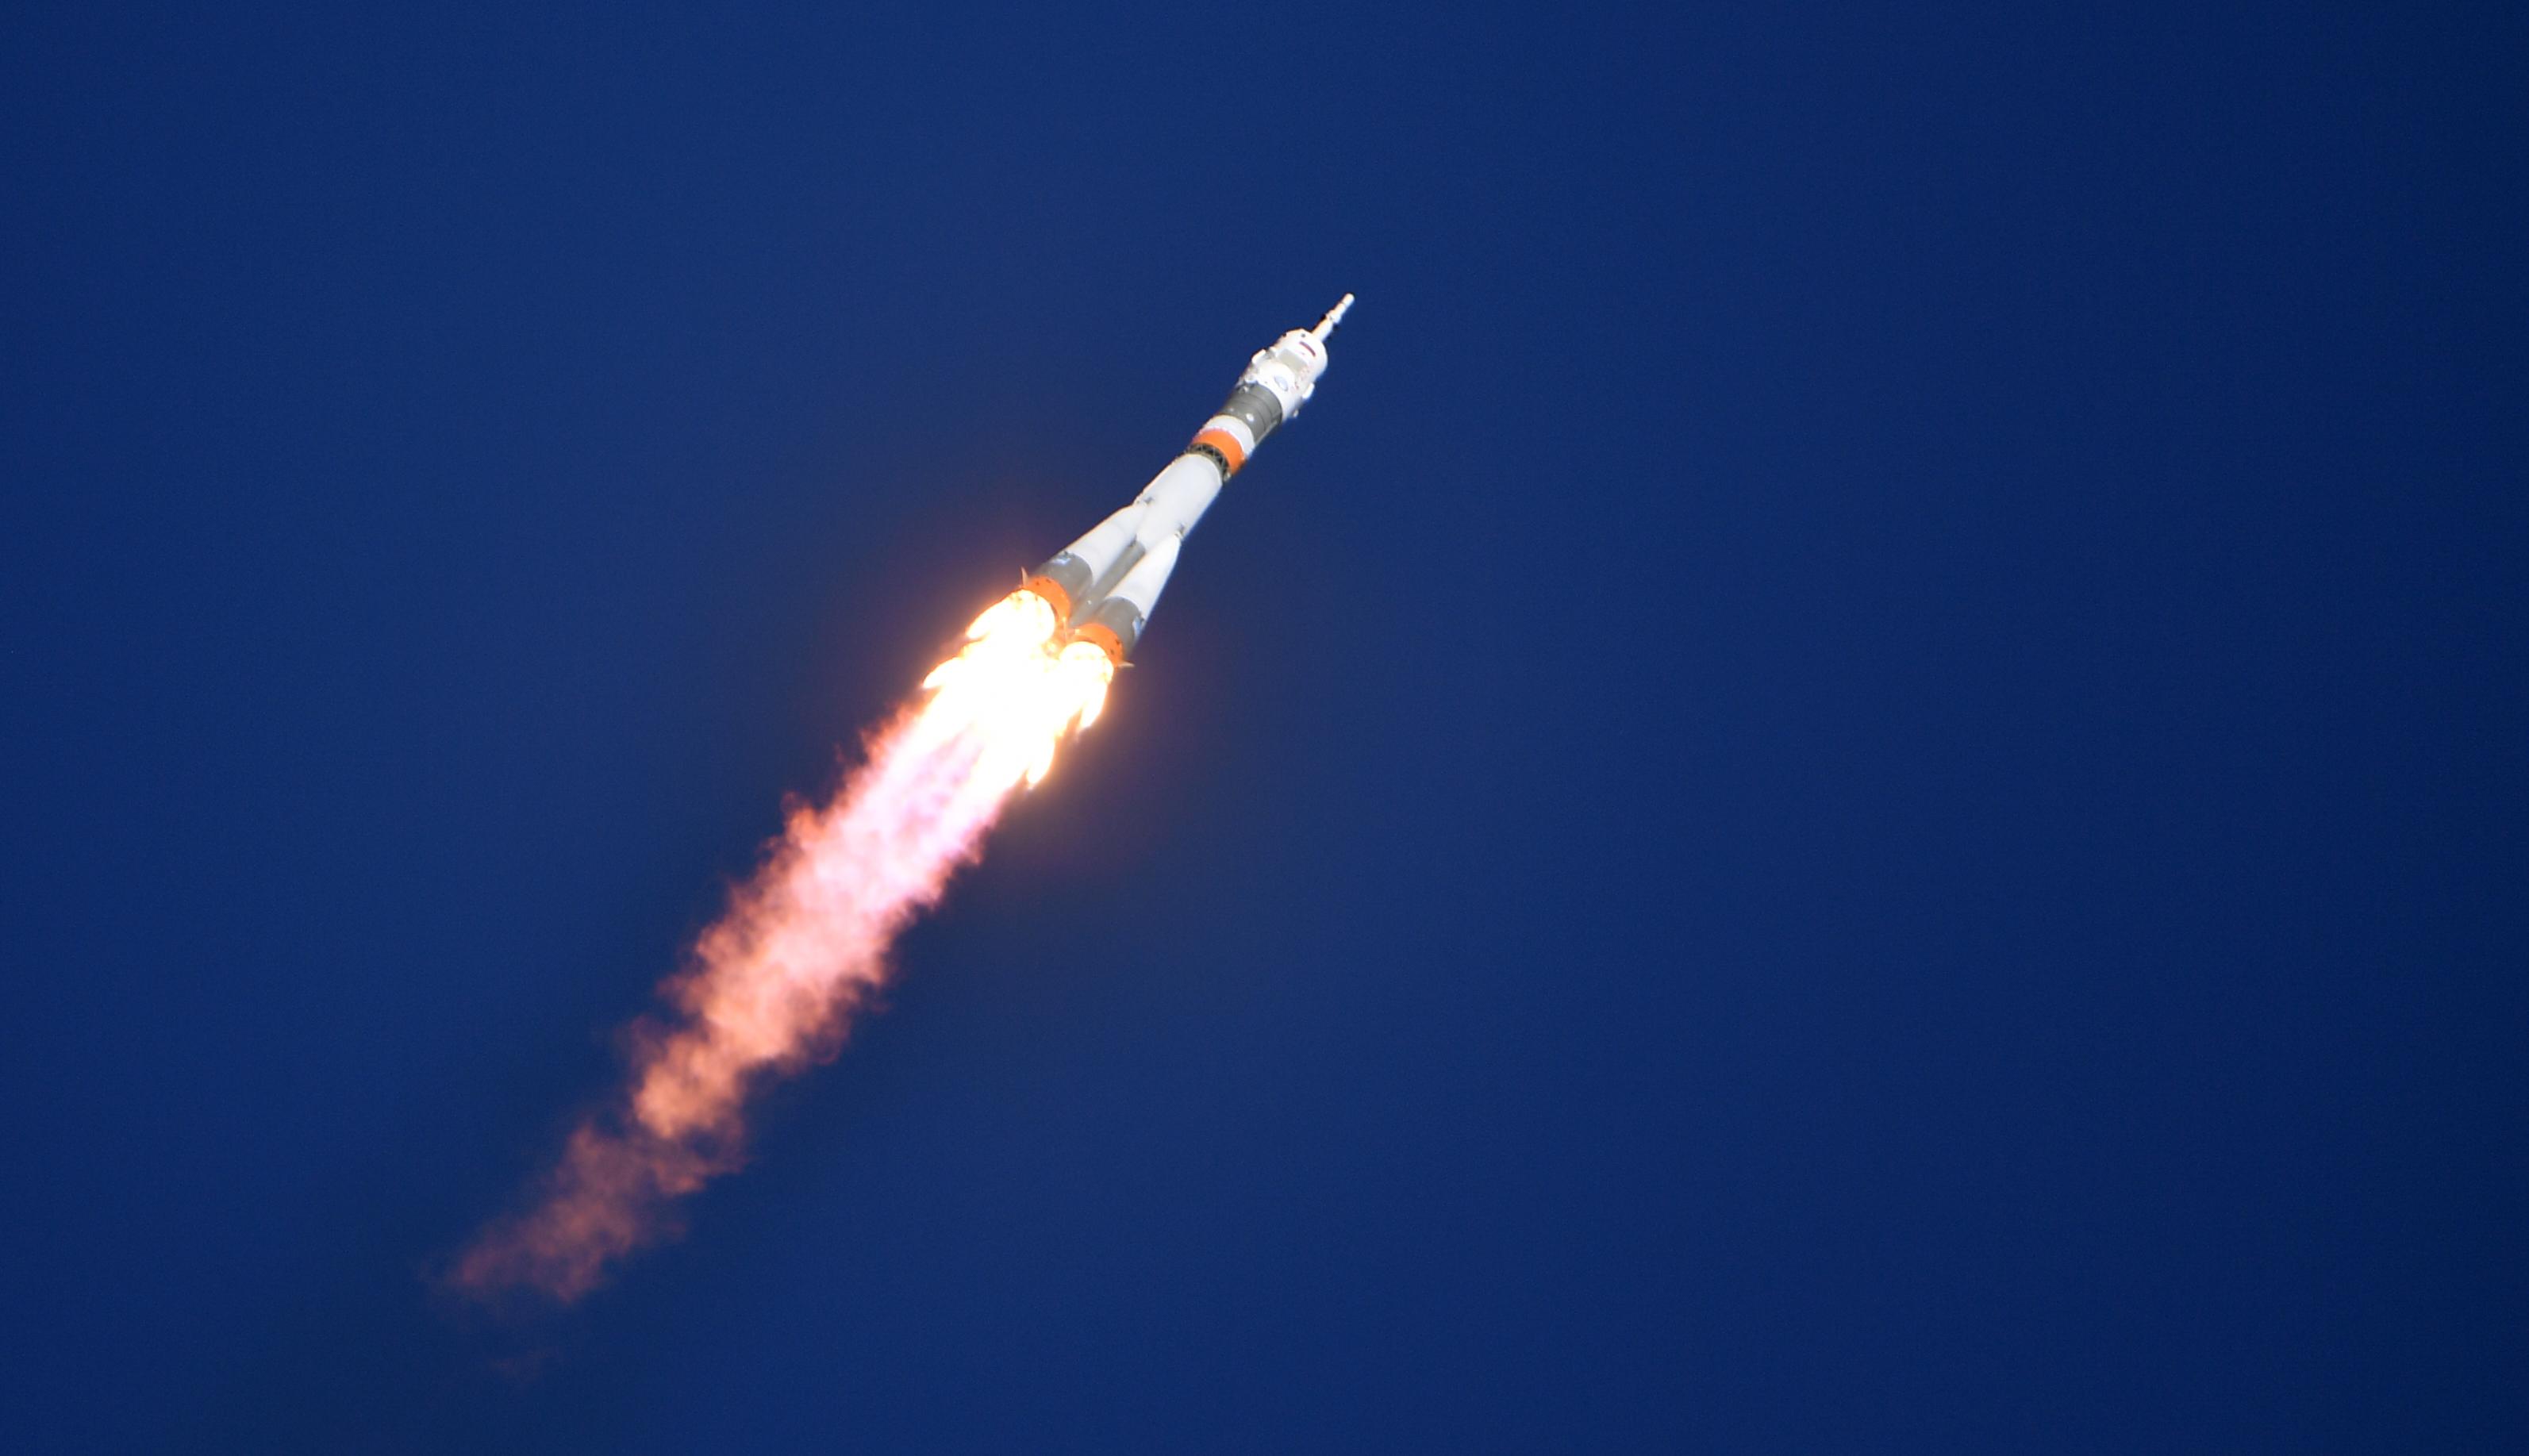 Kényszerleszállást kellett végrehajtania a Szojuz MSZ-10 űrhajónak